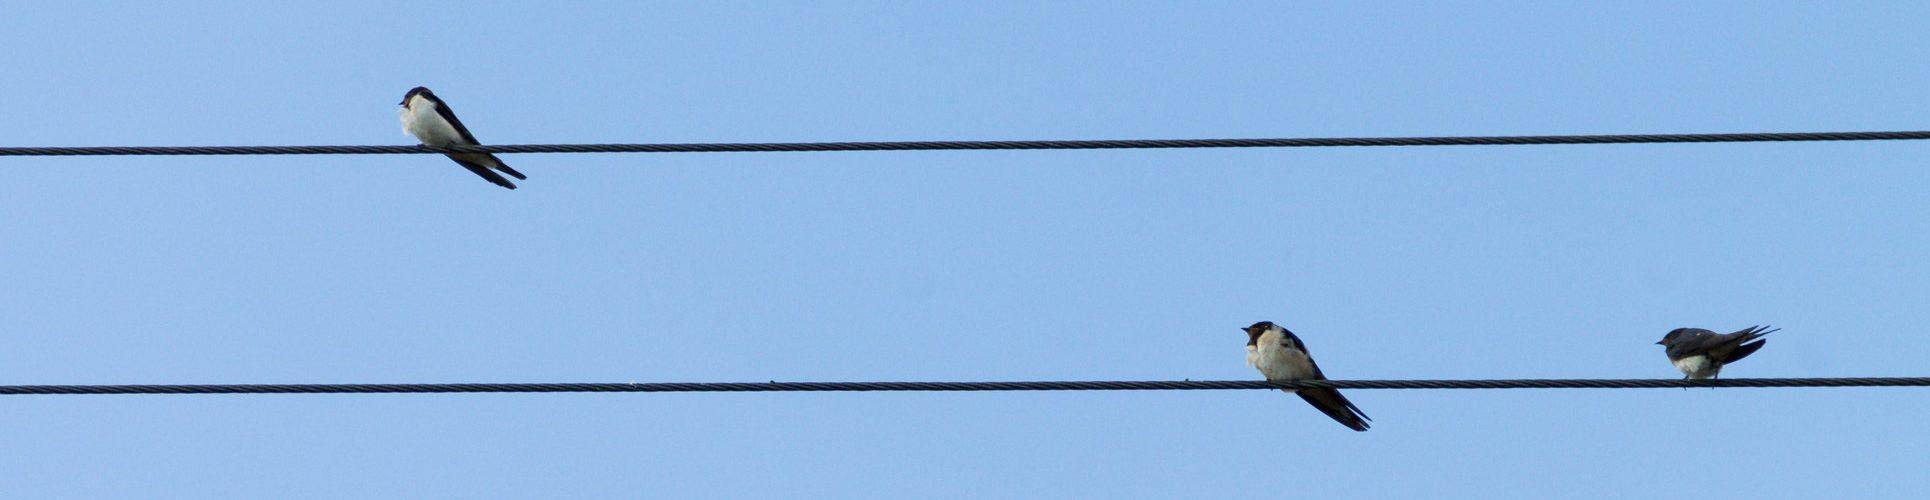 hirondelles sur un fil